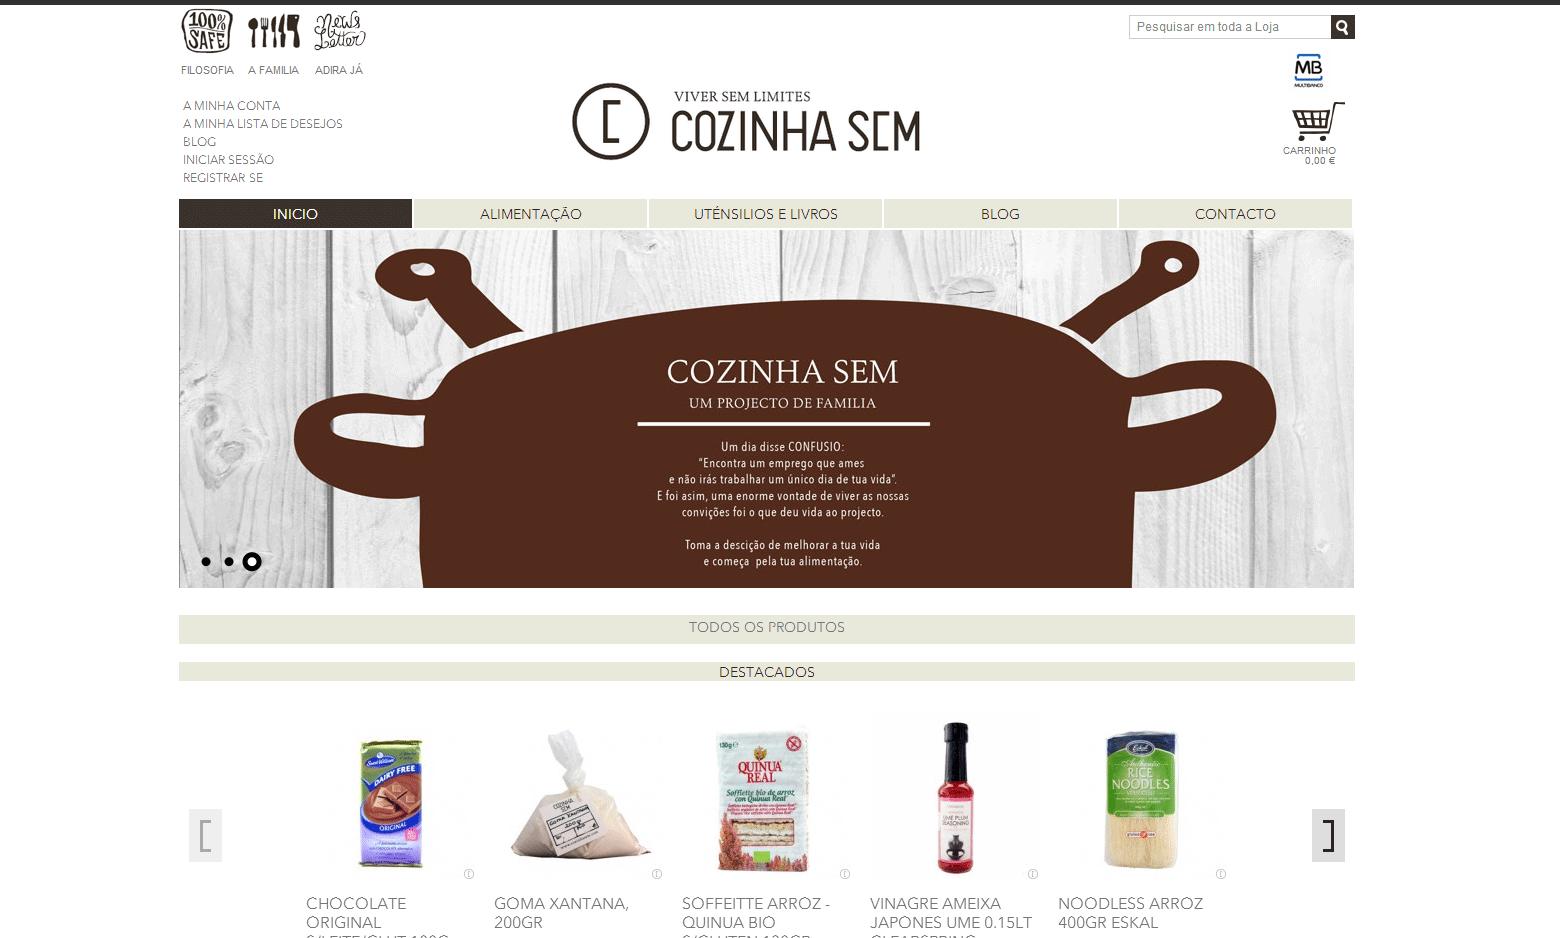 Criação da loja virtual Cozinha Sem